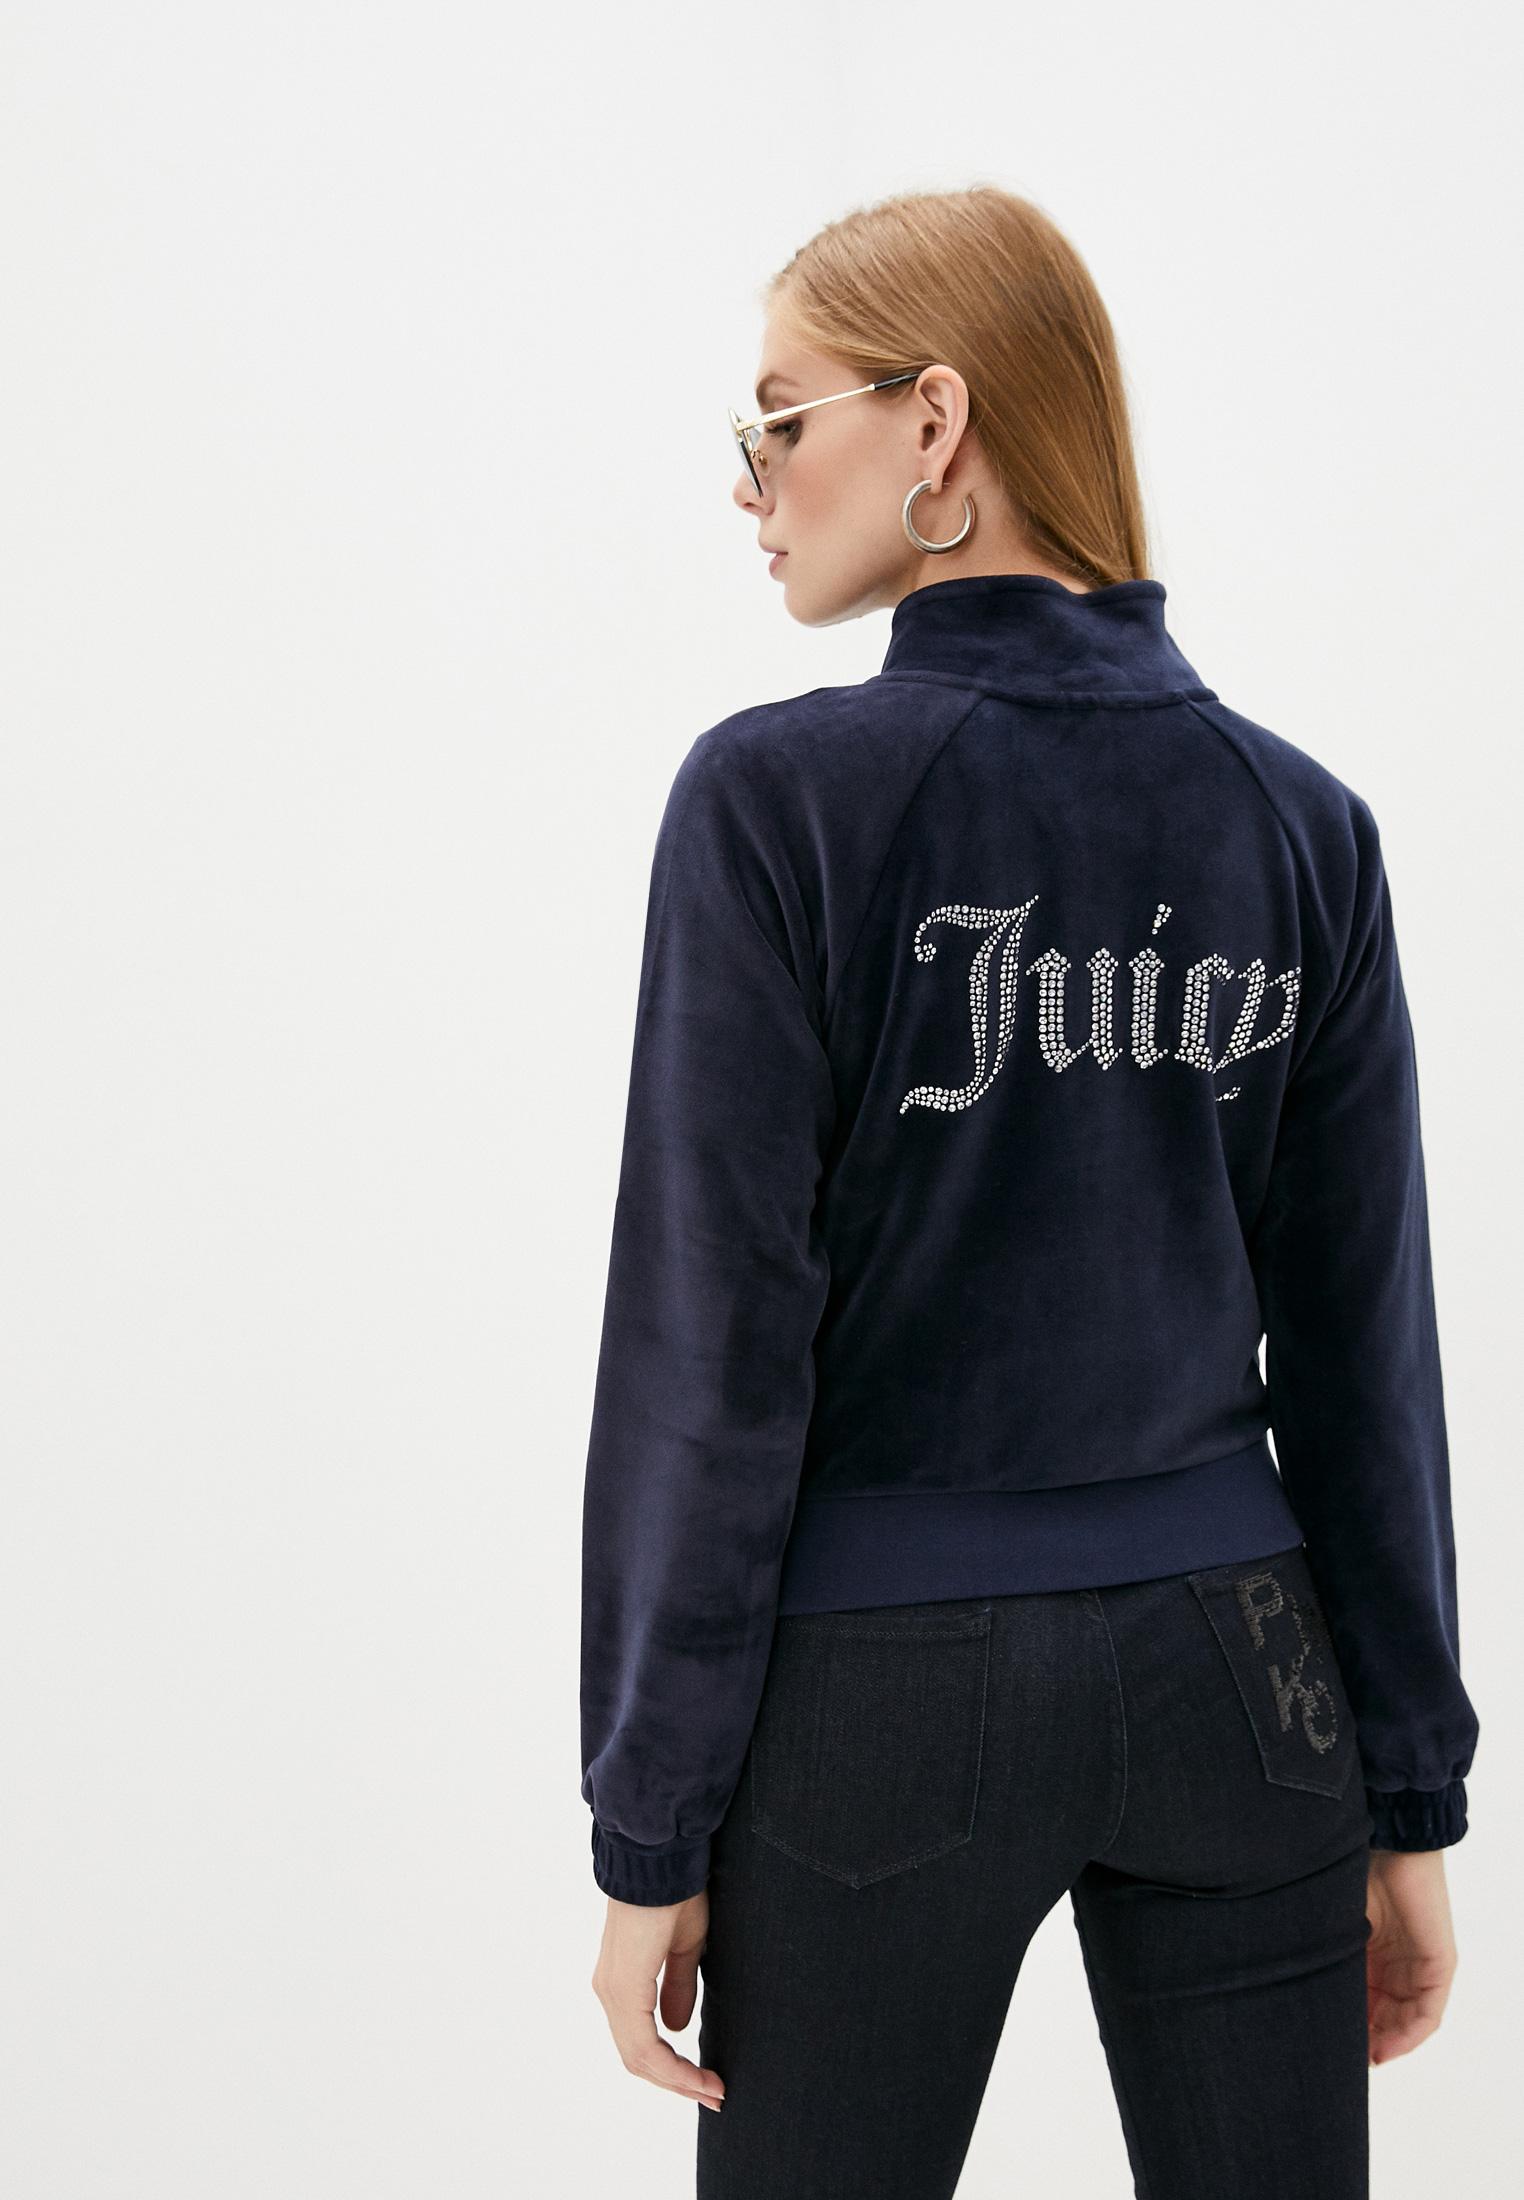 штаны juicy couture купить